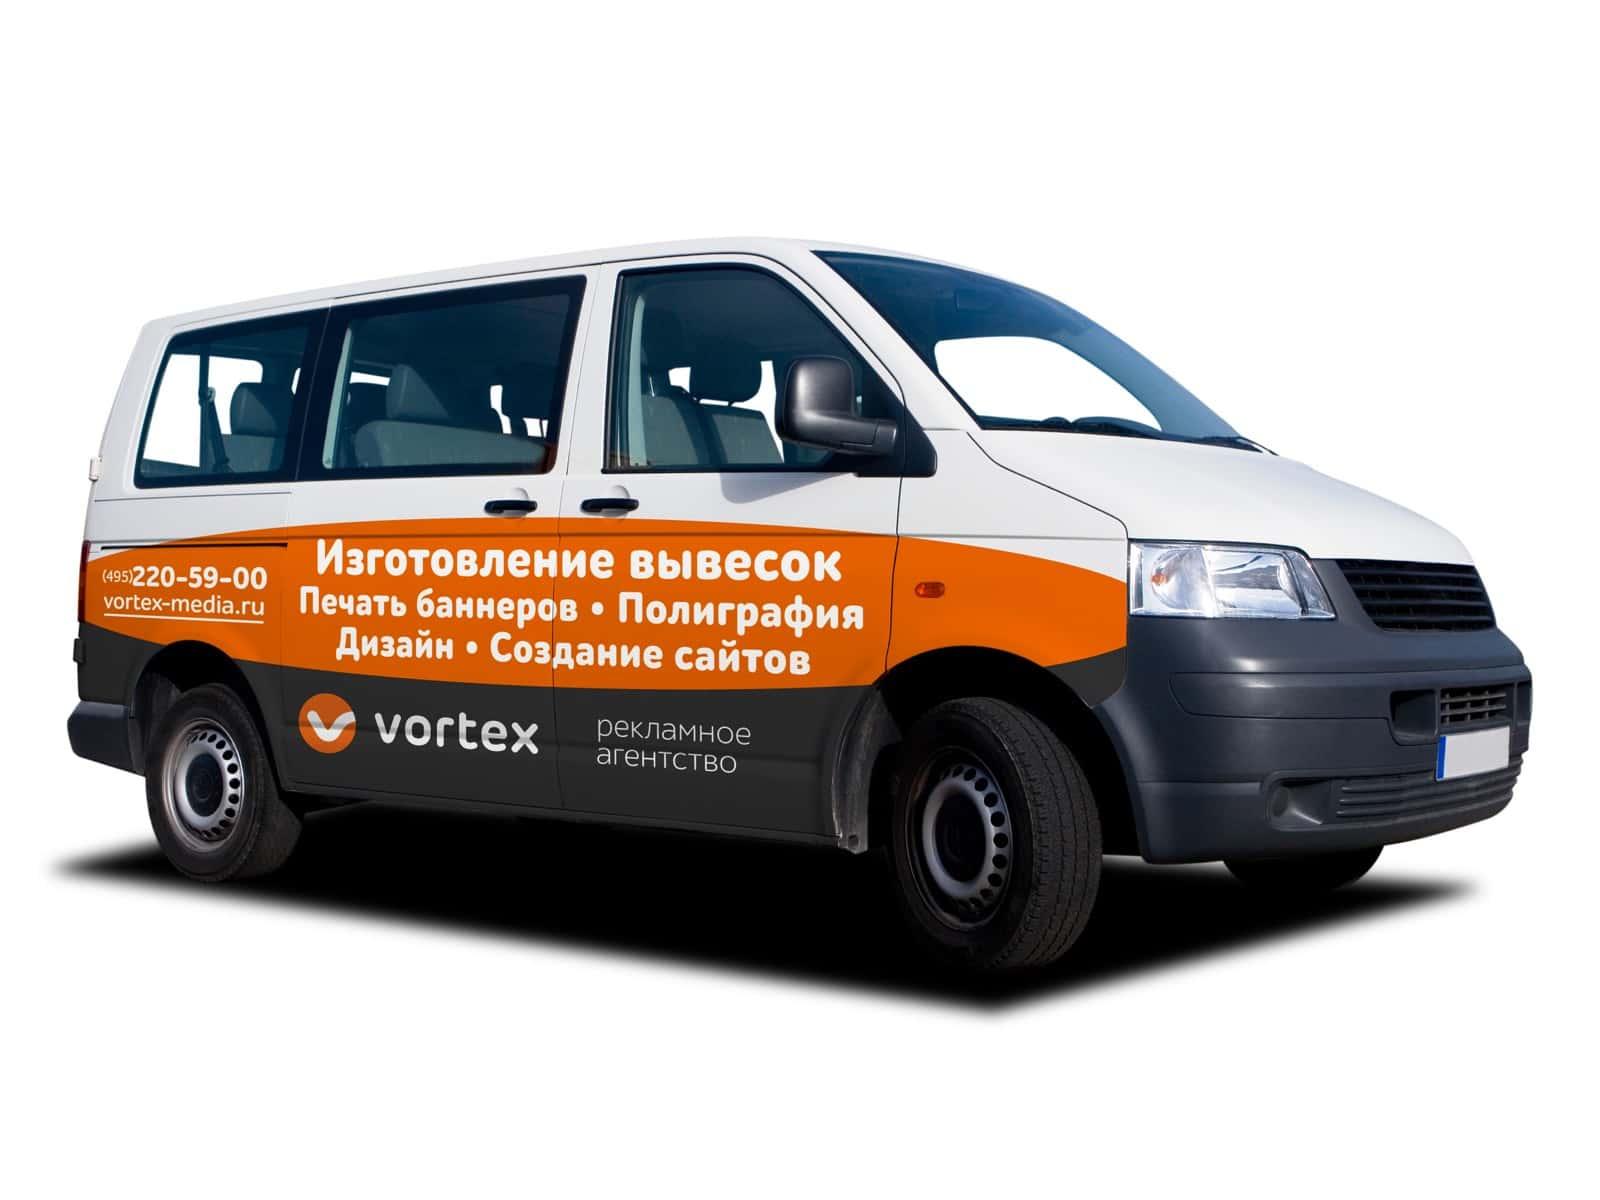 Оклейка транспорта • Vortex